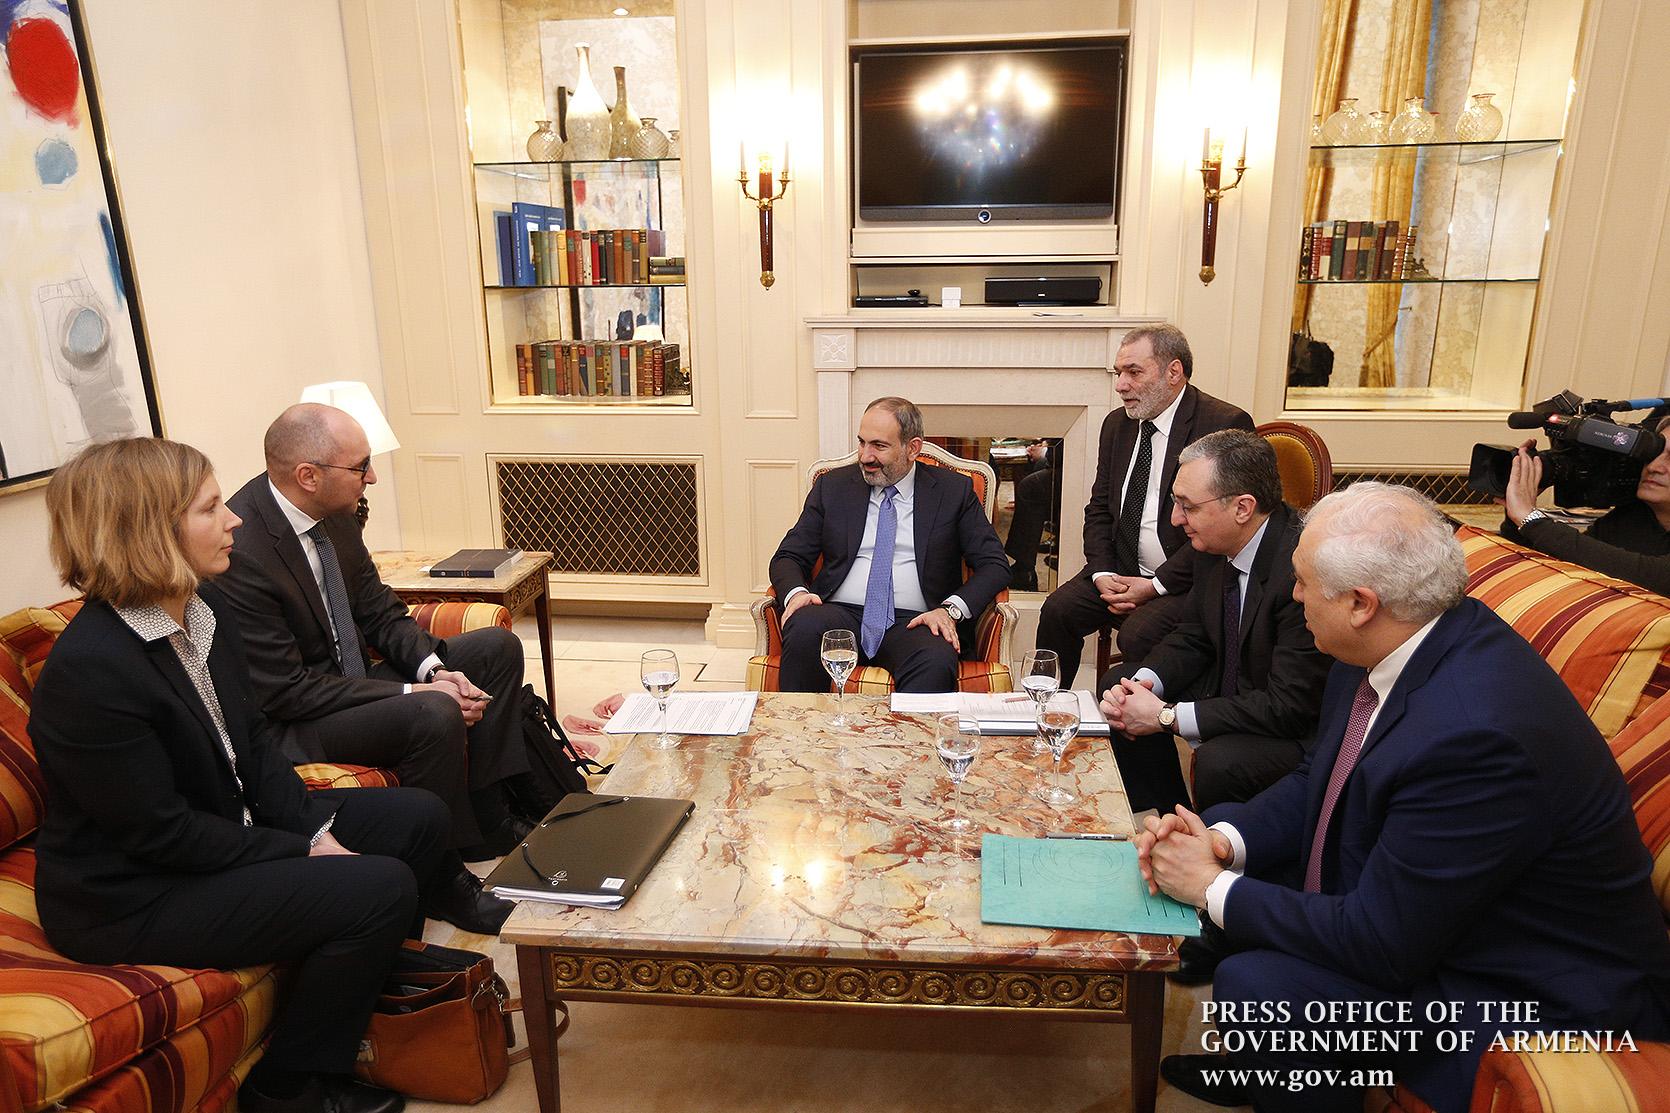 Photo of Մեկնարկել է ՀՀ վարչապետի պաշտոնական այցը Գերմանիա. ՀՀ վարչապետը հանդիպել է գերմանական KfW բանկի տարածաշրջանային տնօրենին